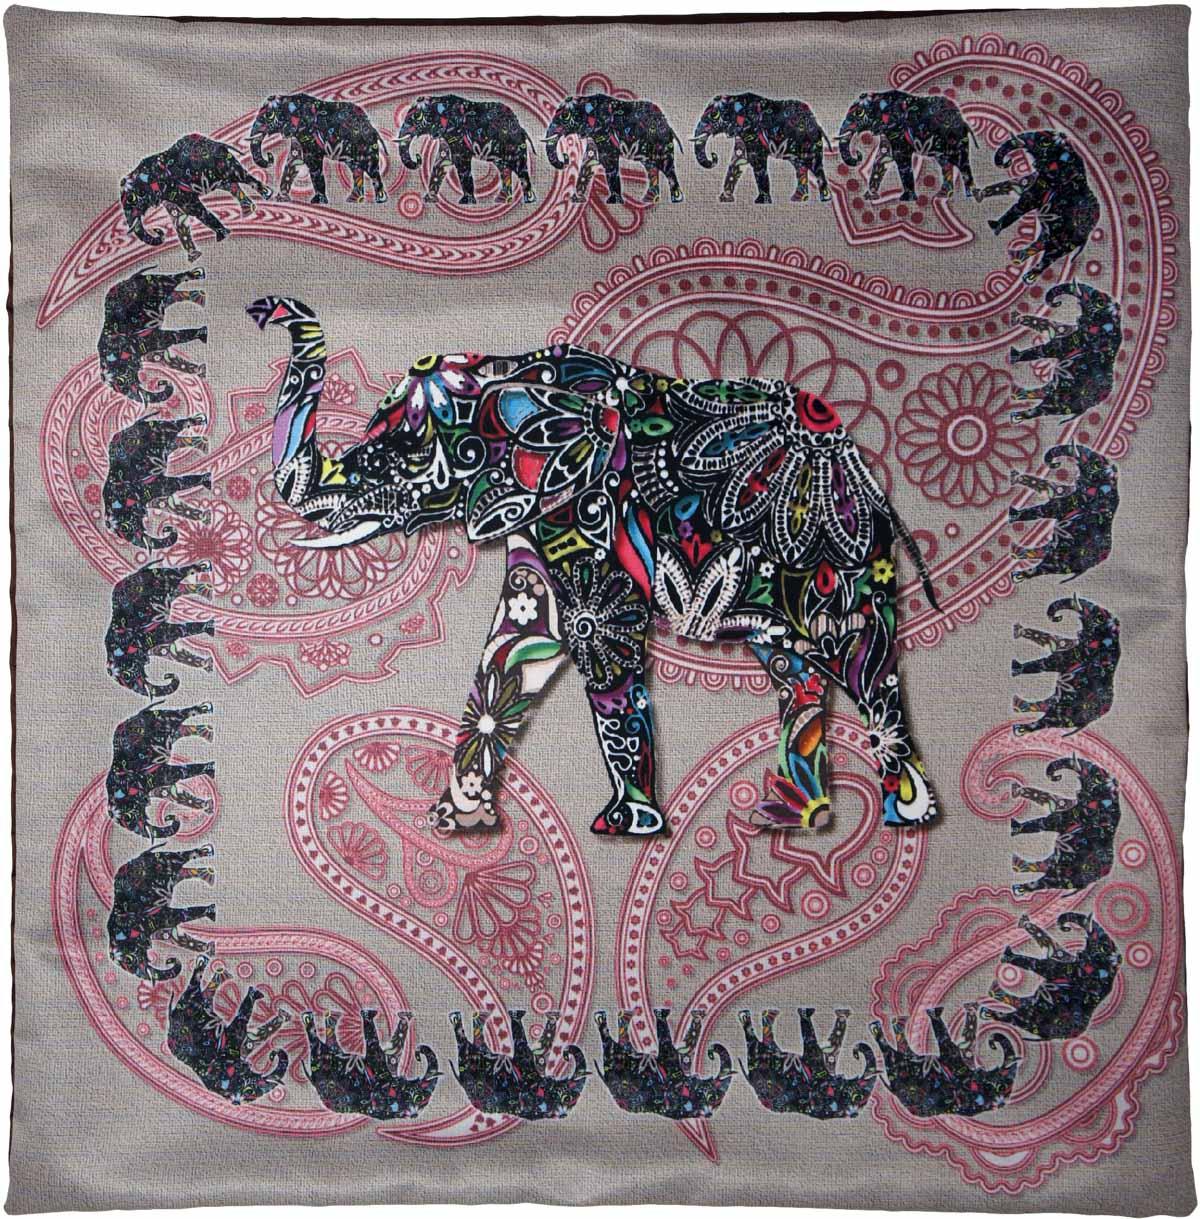 Наволочка для декоративной подушки GiftnHome Слон, цвет: серый, розовый, черный, 45 х 45 смНВЛ-45 Слон/серый/Изделие изготовлено из искусственного шелка - атласа! Наволочка на молнии